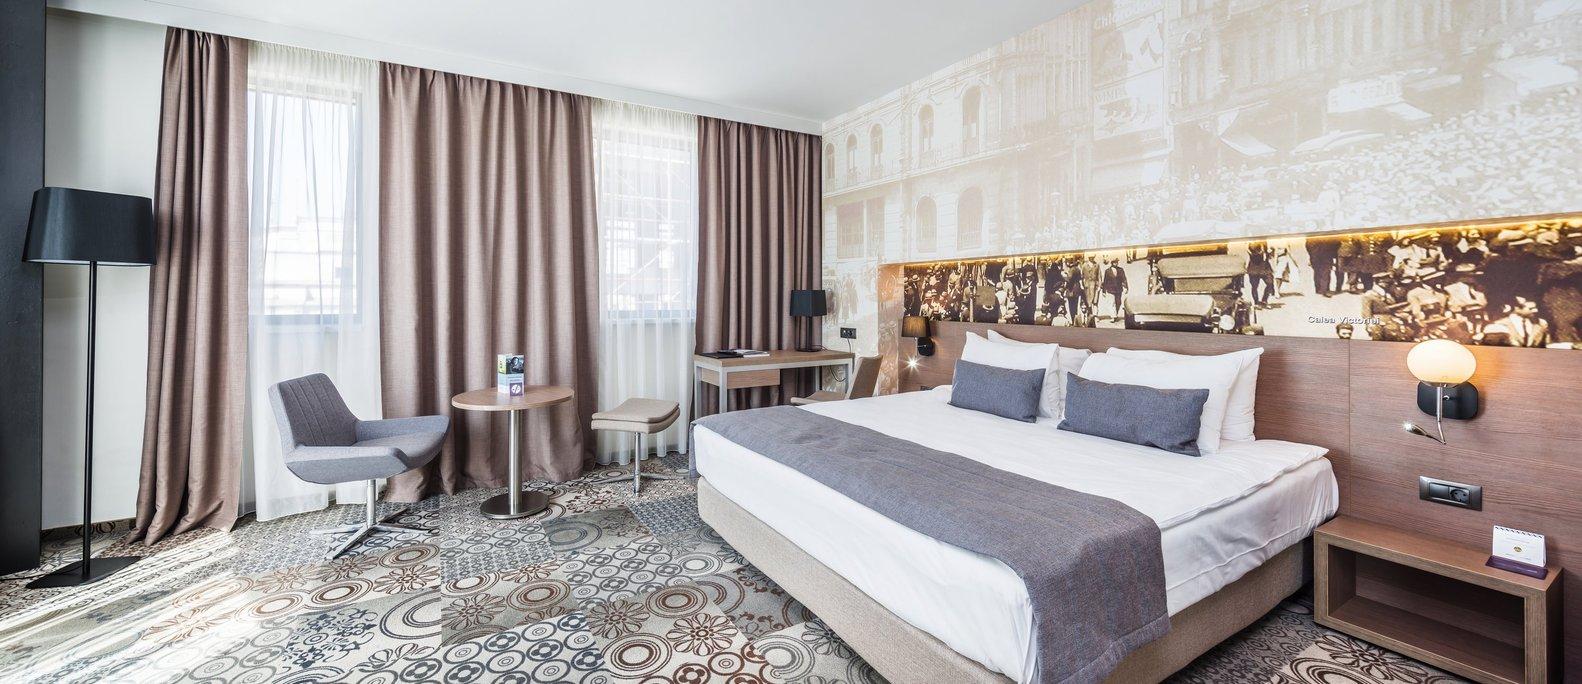 Mercure Hotel by Arhi Grup Architects in Bucharest . 2015